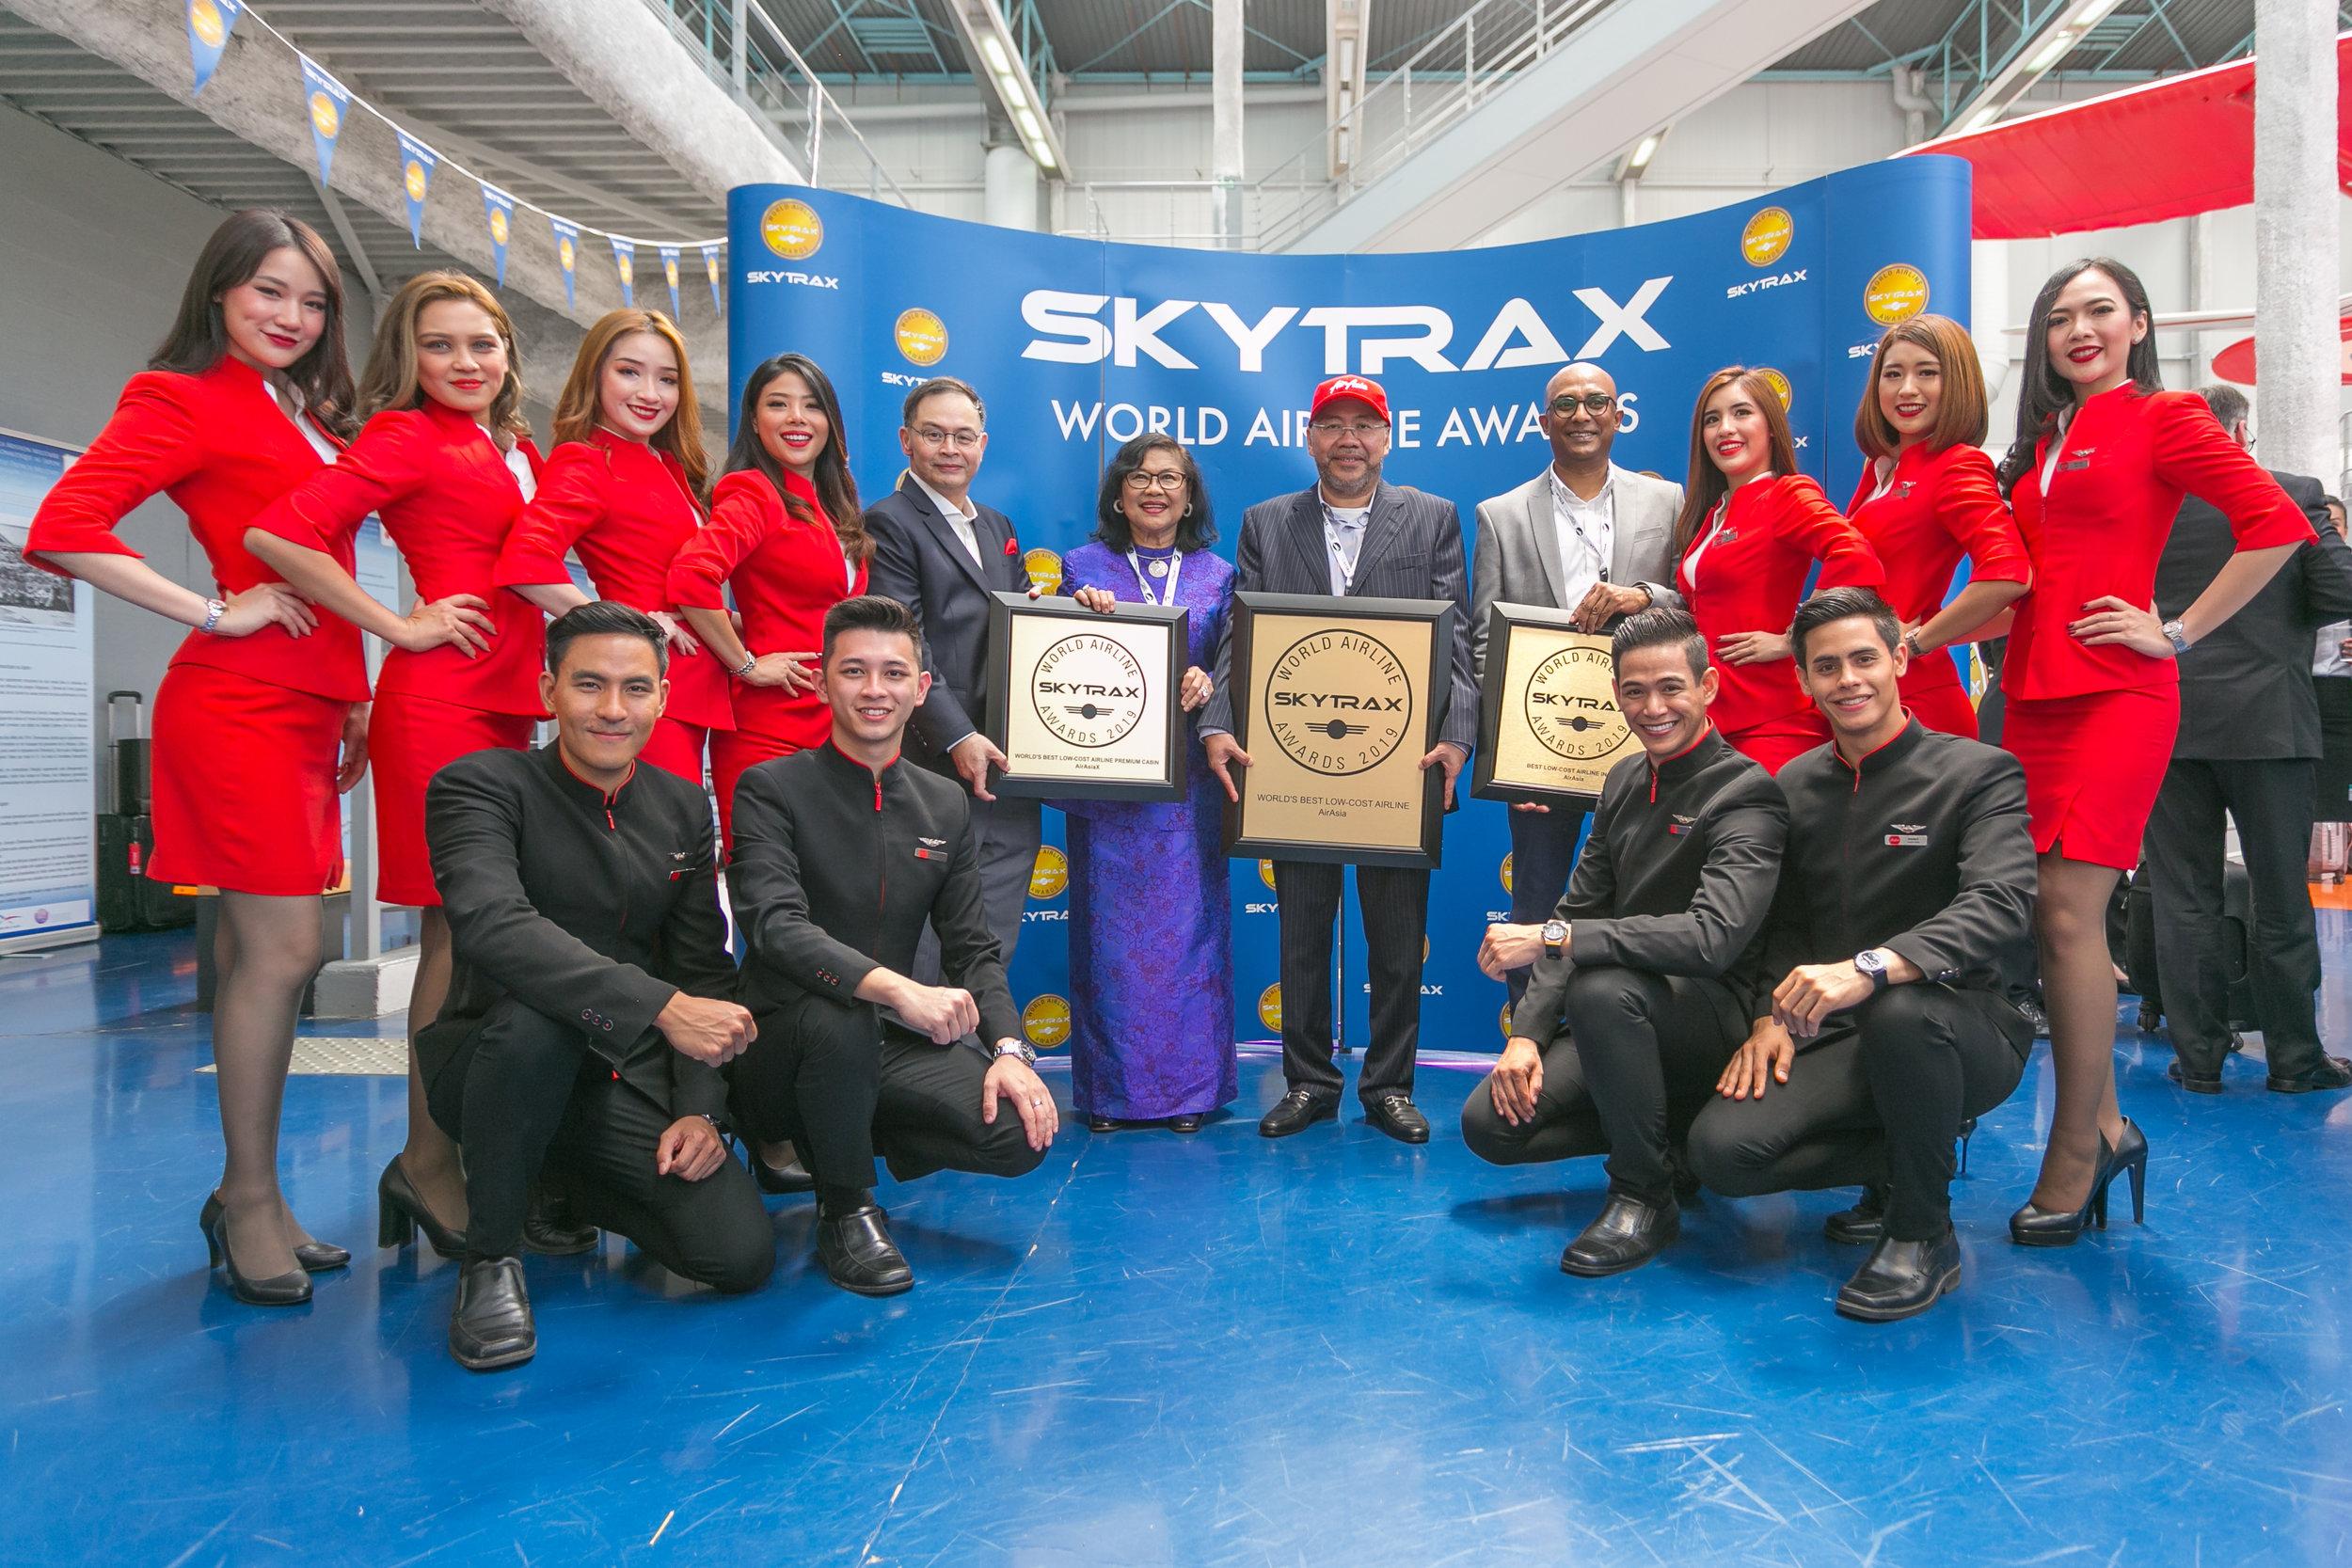 Thứ năm từ trái qua: Giám đốc Điều hành Tập đoàn AirAsia X, Nadda Buranasiri, Chủ tịch AirAsia X Berhad Tan Sri Rafidah Aziz, Chủ tịch Điều hành Tập đoàn AirAsia Berukad Datuk Kamarudin Meranun, Phó Giám đốc Điều hành Tập đoàn AirAsia (Mảng Hàng không) Bo Lingam